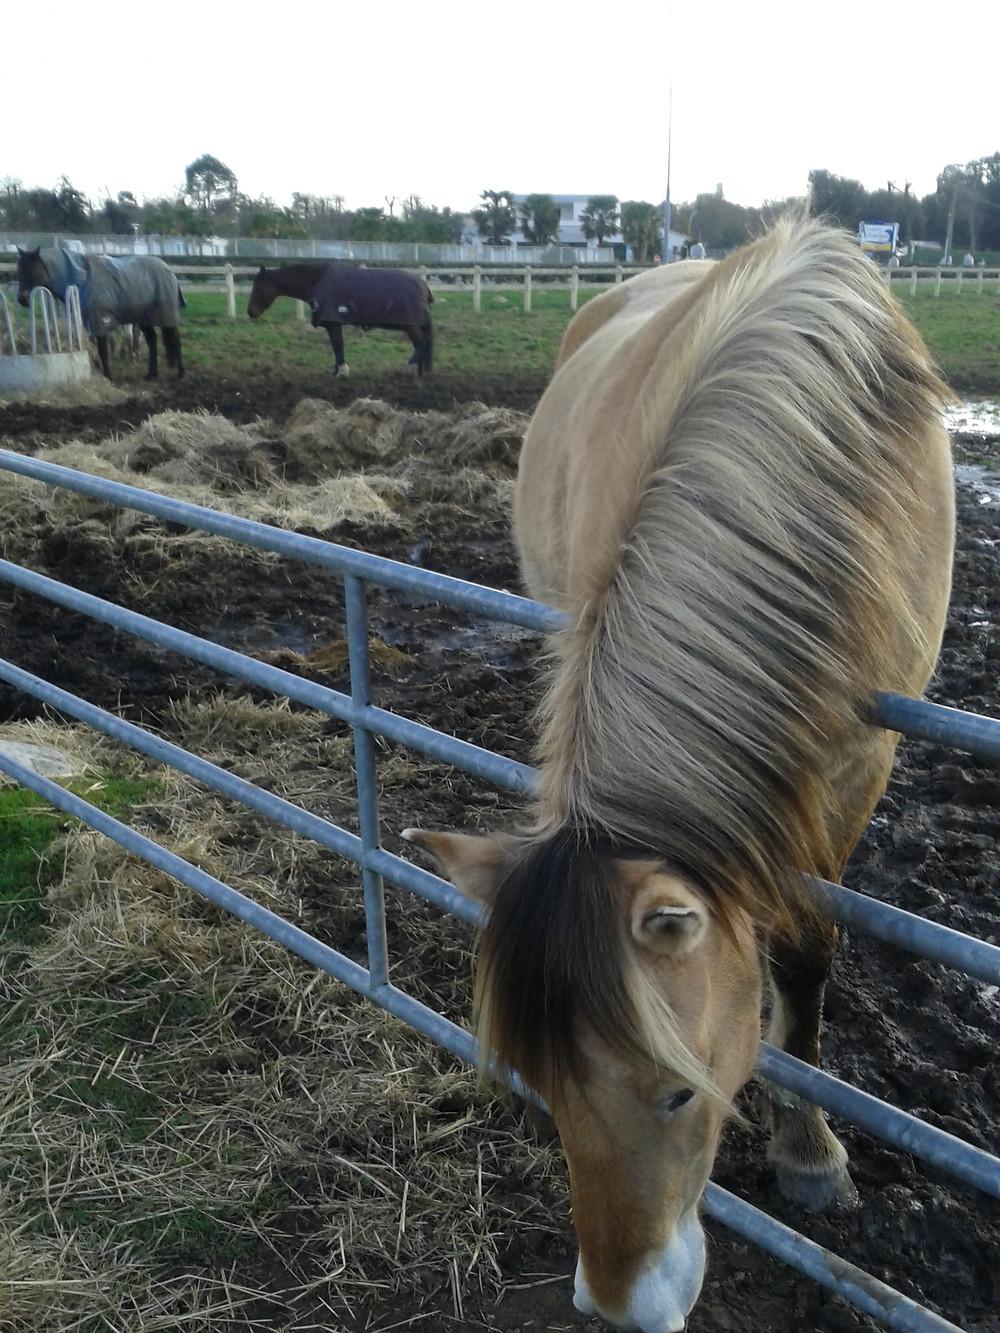 D'après Hop à Cheval, le cheval dans la boue